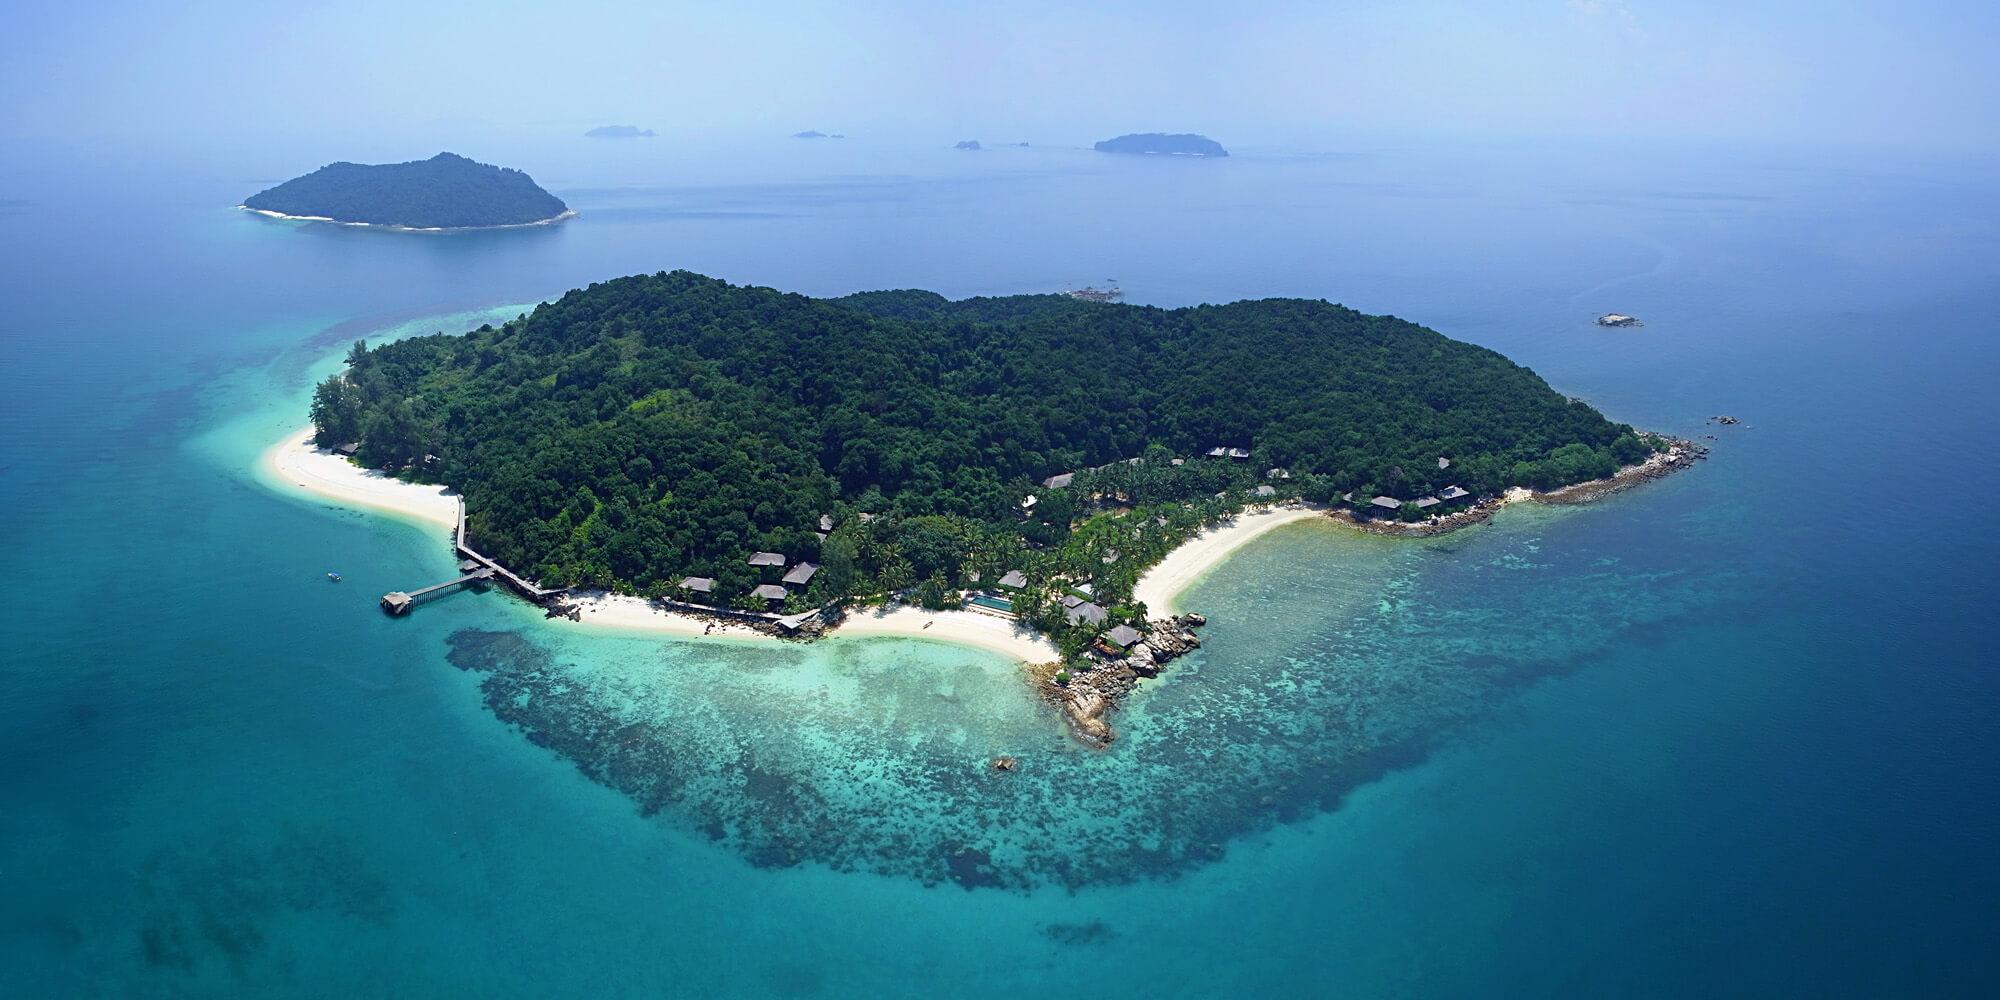 Batu Batu, Tengah Island, East Coast, Malaysia Hotel Reviews